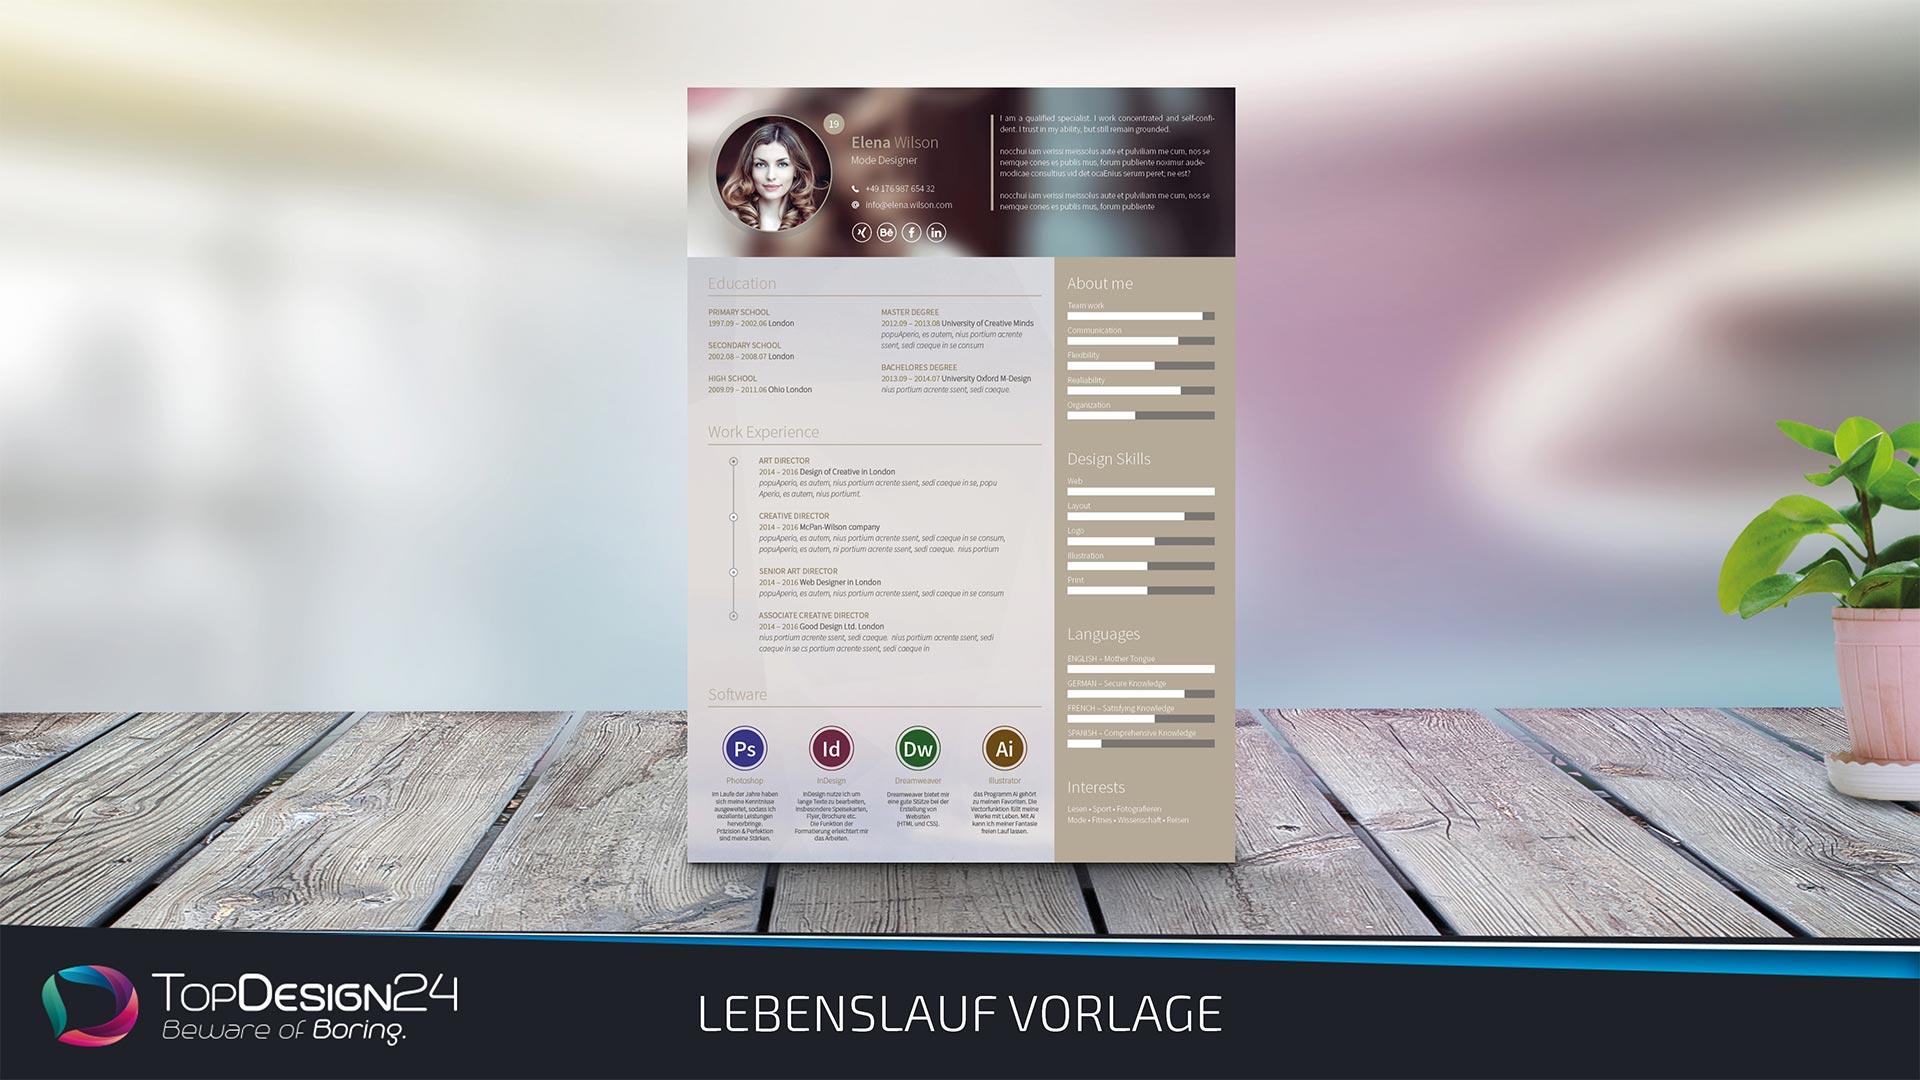 Topdesign24 Lebenslauf Design 2017 Kostenlos Downloaden